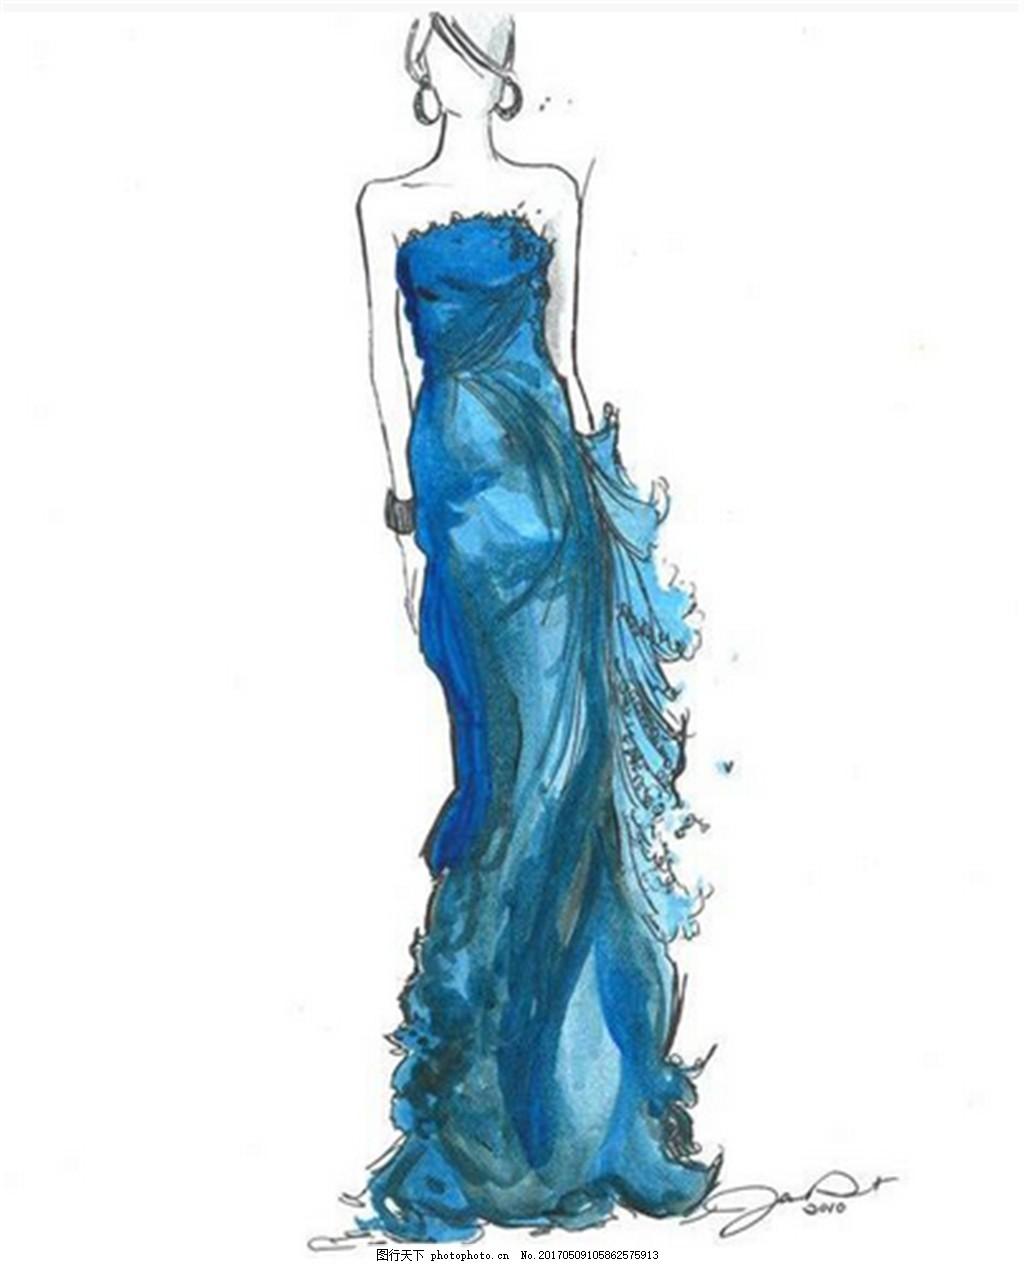 设计图库 现代科技 服装设计  蓝色抹胸礼服设计图 服装设计 时尚女装